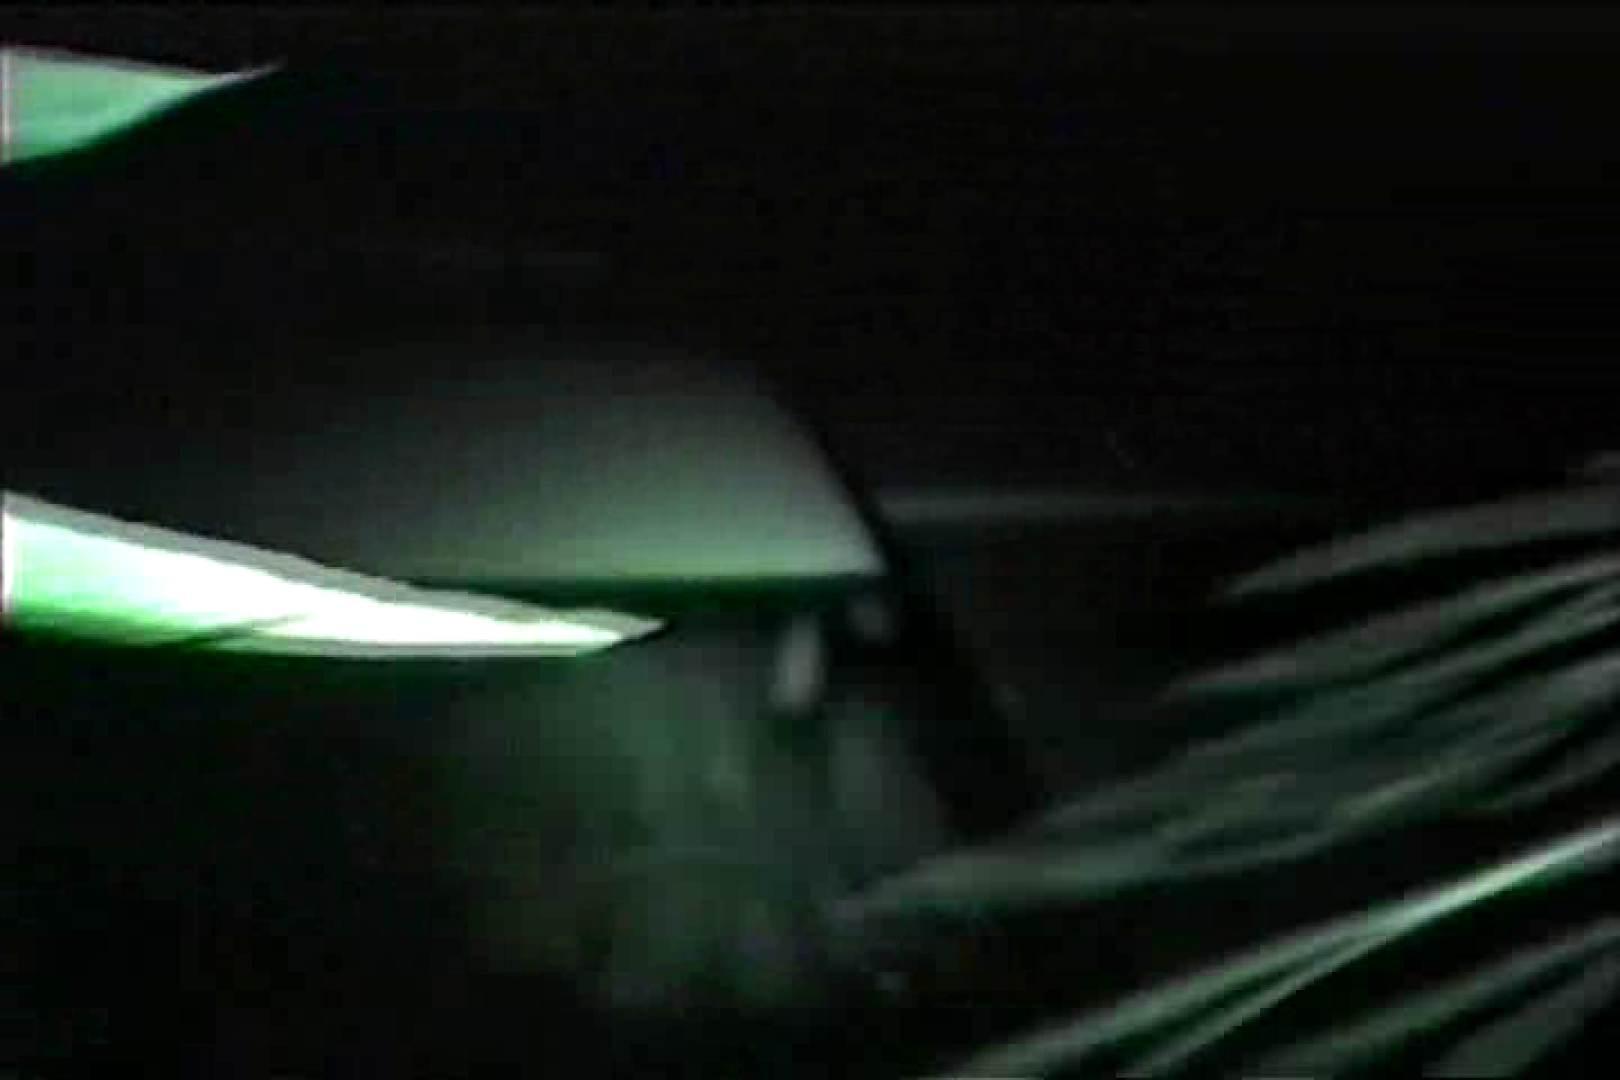 車の中はラブホテル 無修正版  Vol.7 ラブホテル   OLセックス  81画像 73